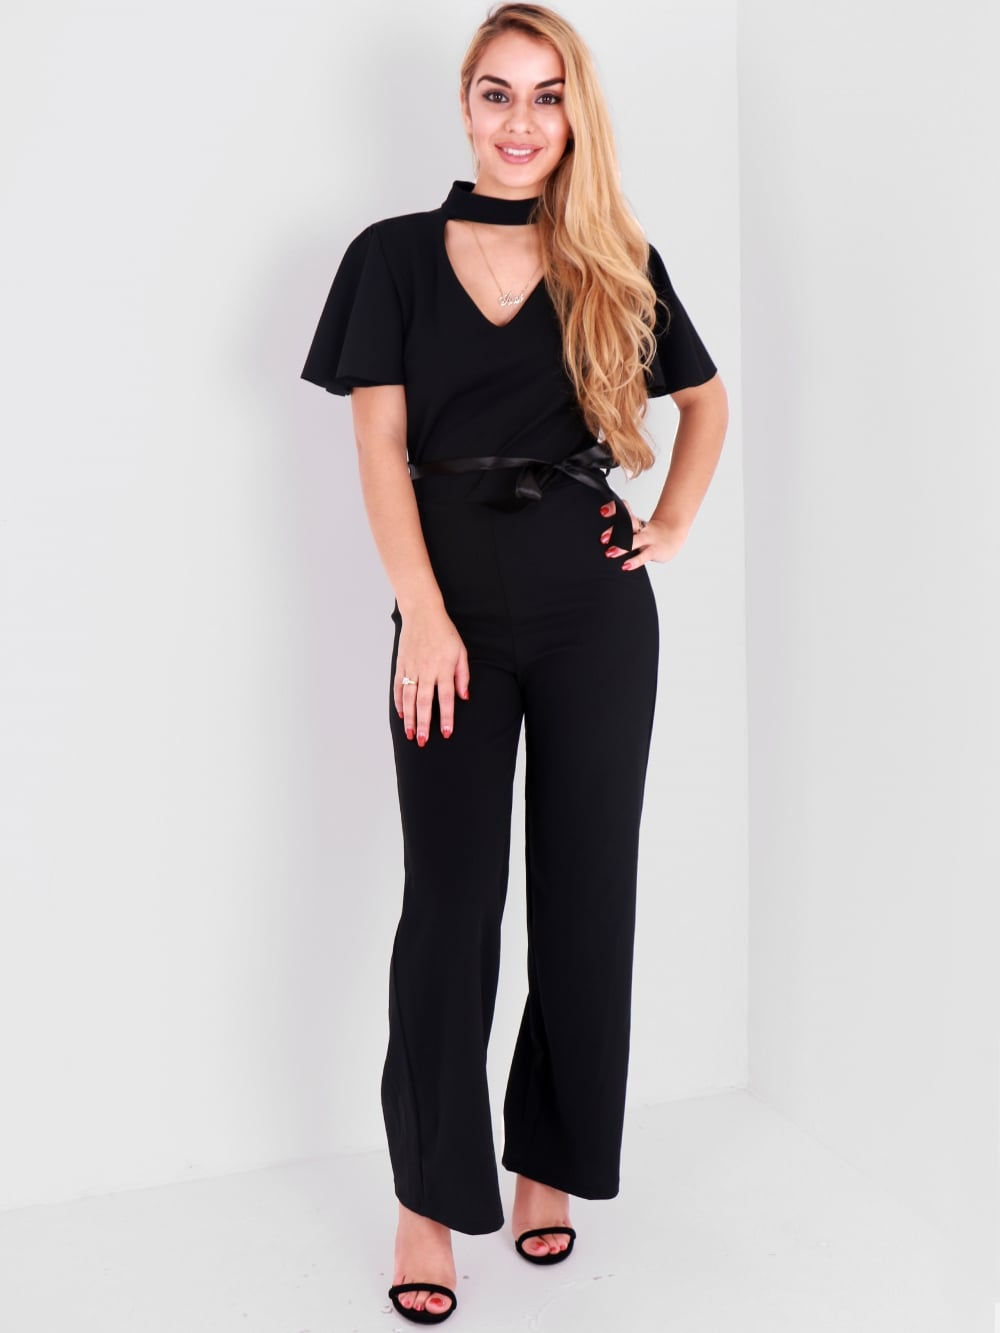 877d387f8e0 Black Short Cape Sleeve Jumpsuit - Shop Claudia Myers Boutique